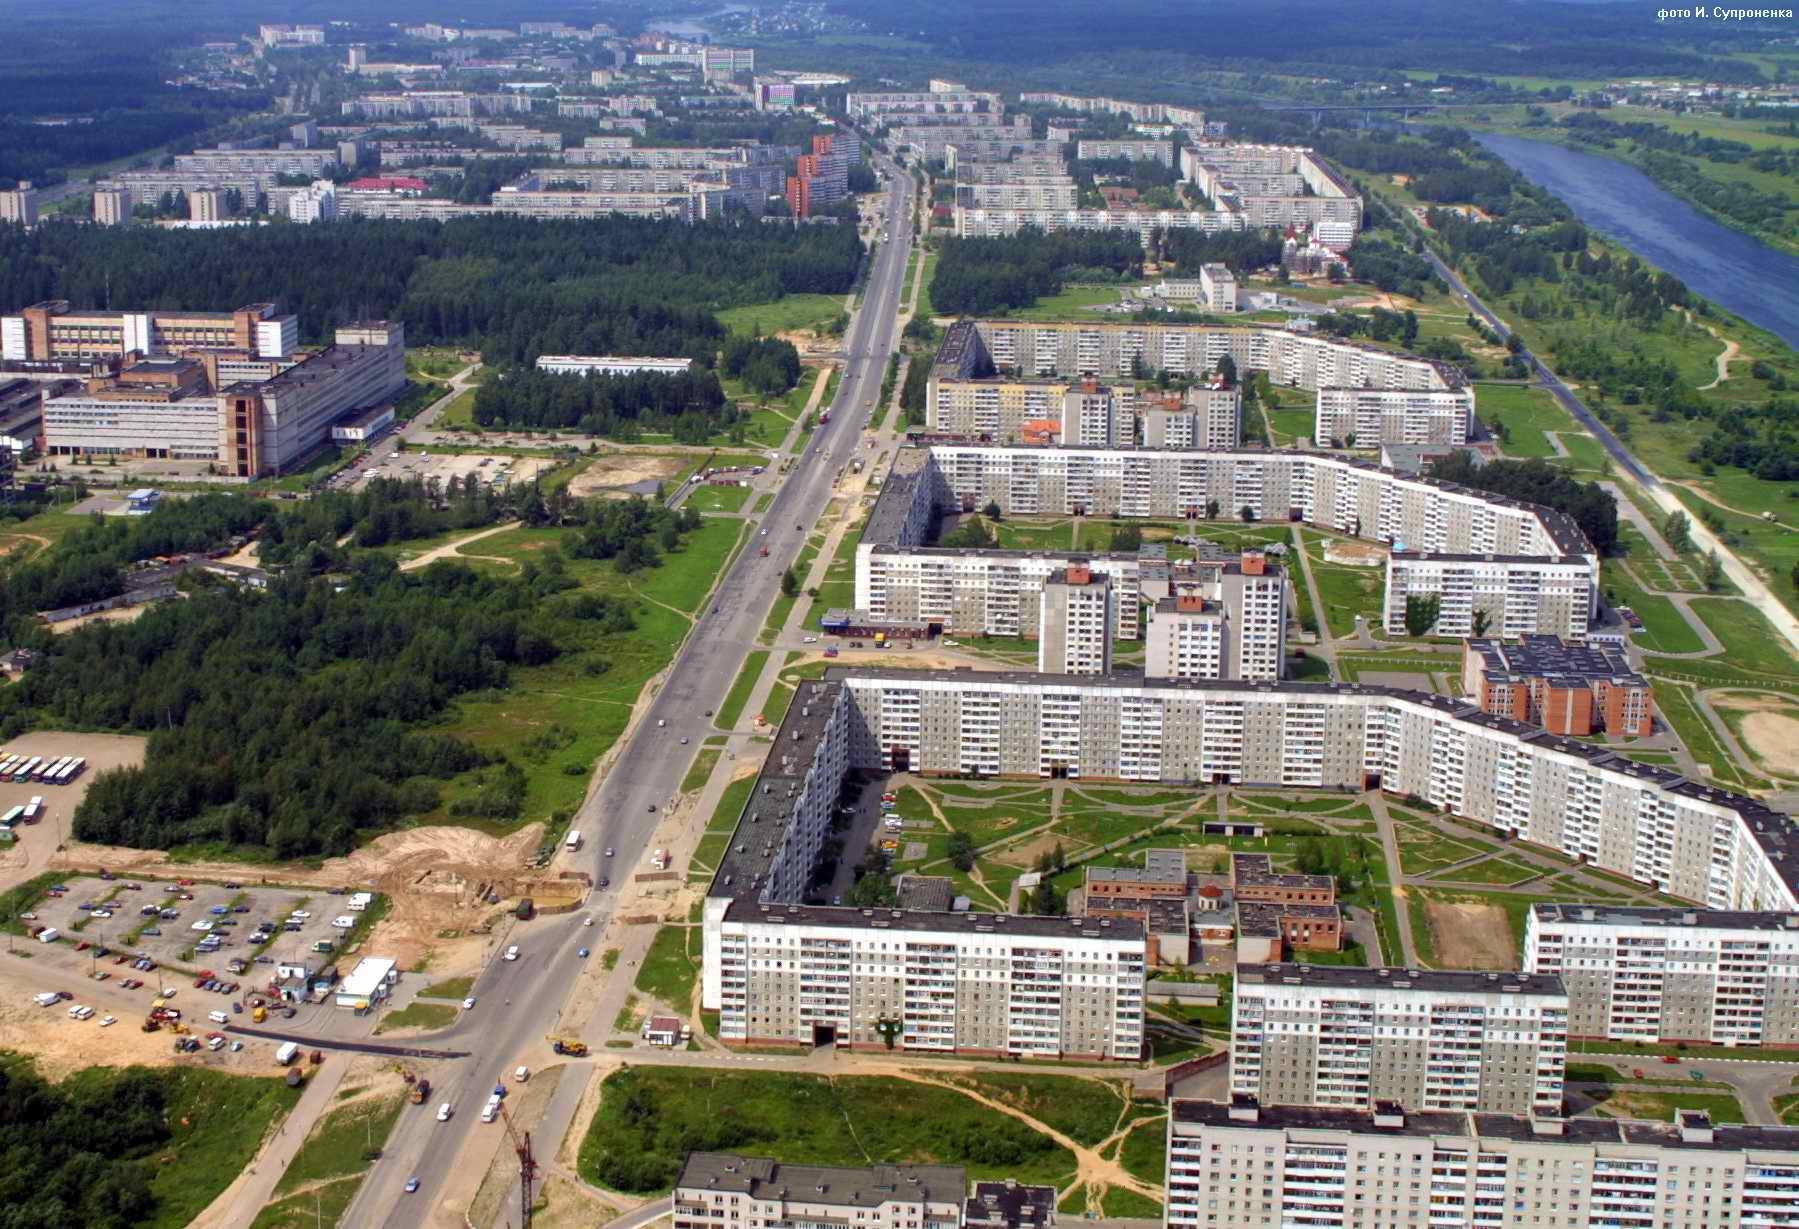 В 2018 году Новополоцк станет культурной столицей Беларуси